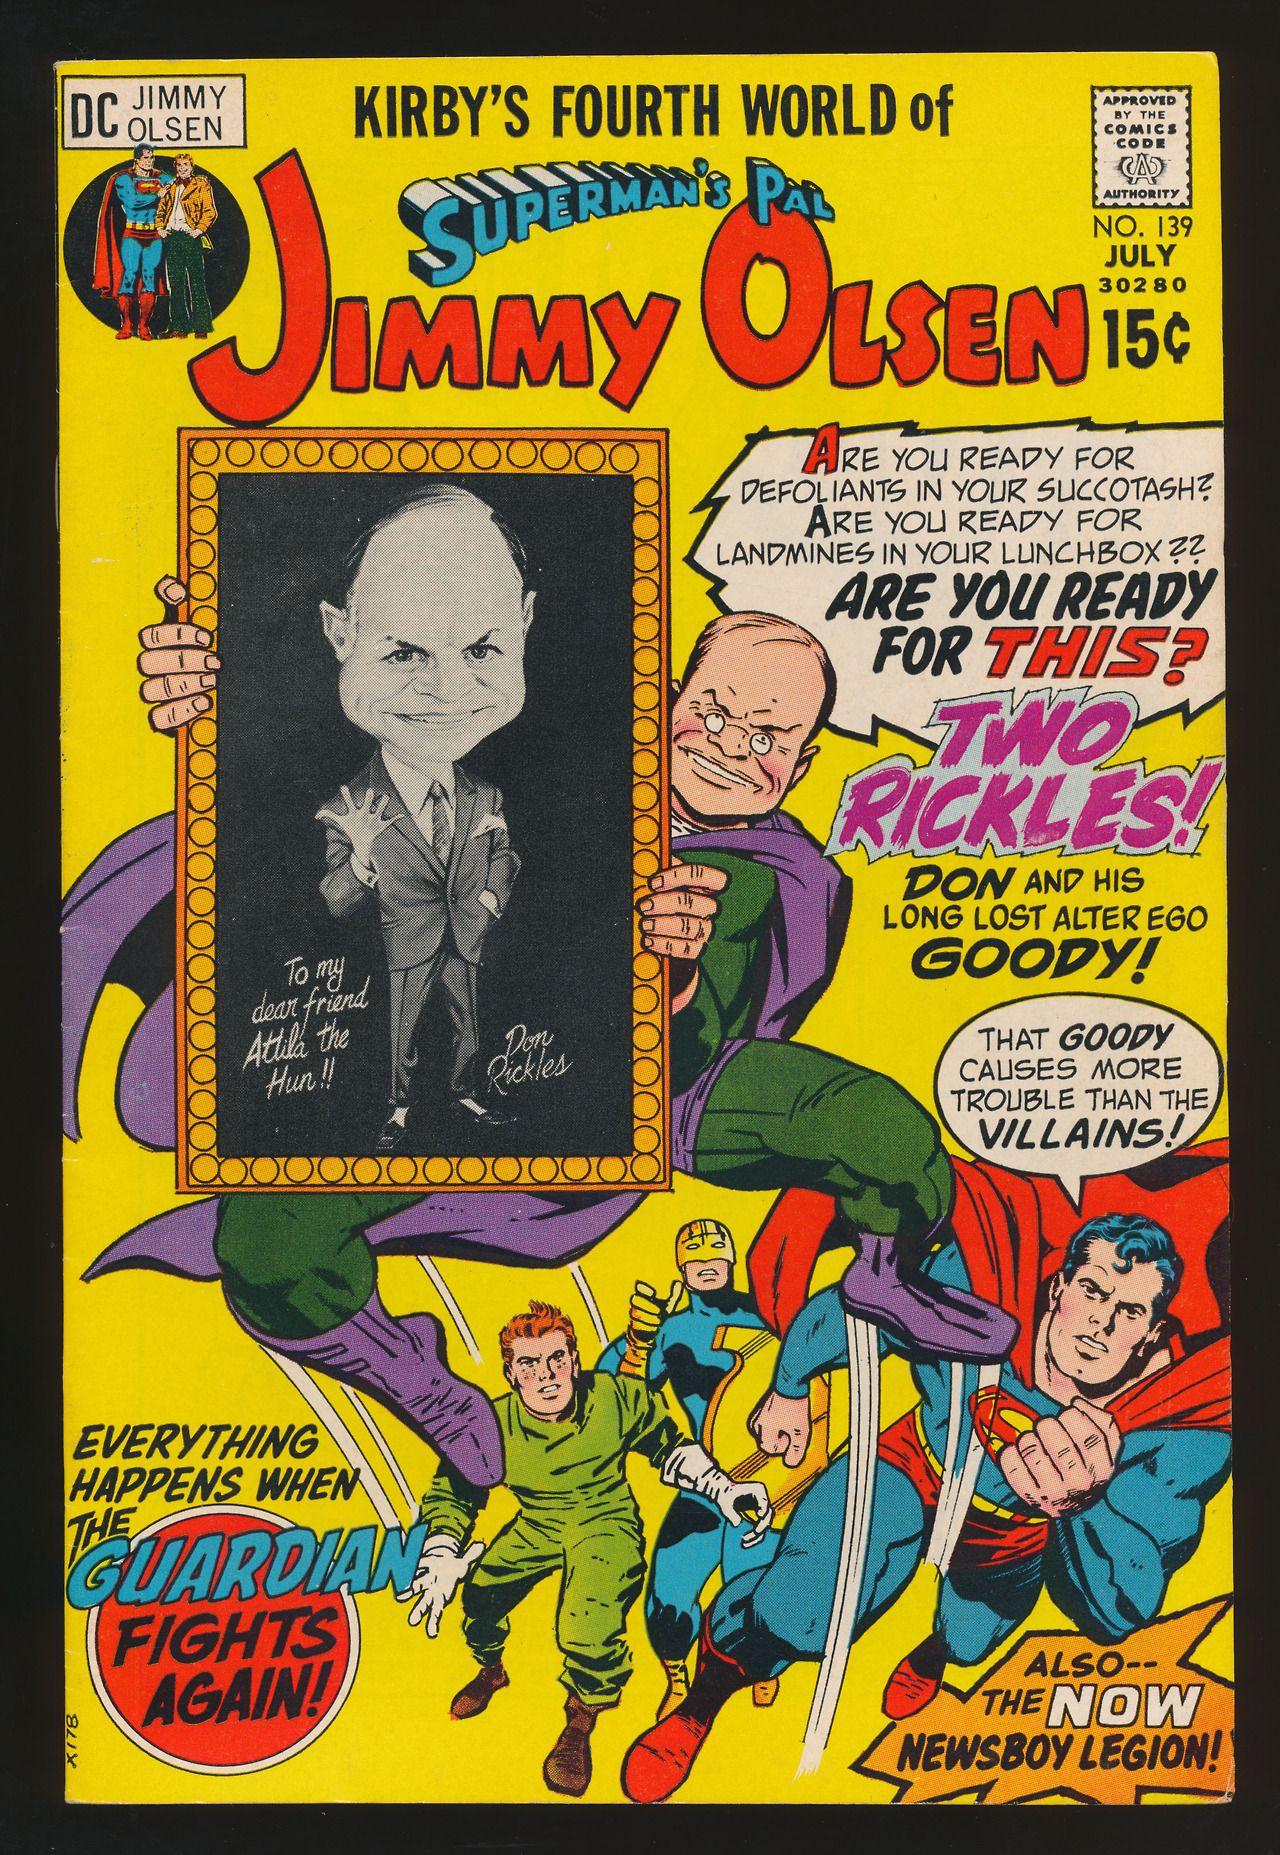 Jimmy Olsen 139 (Jul. 1971)